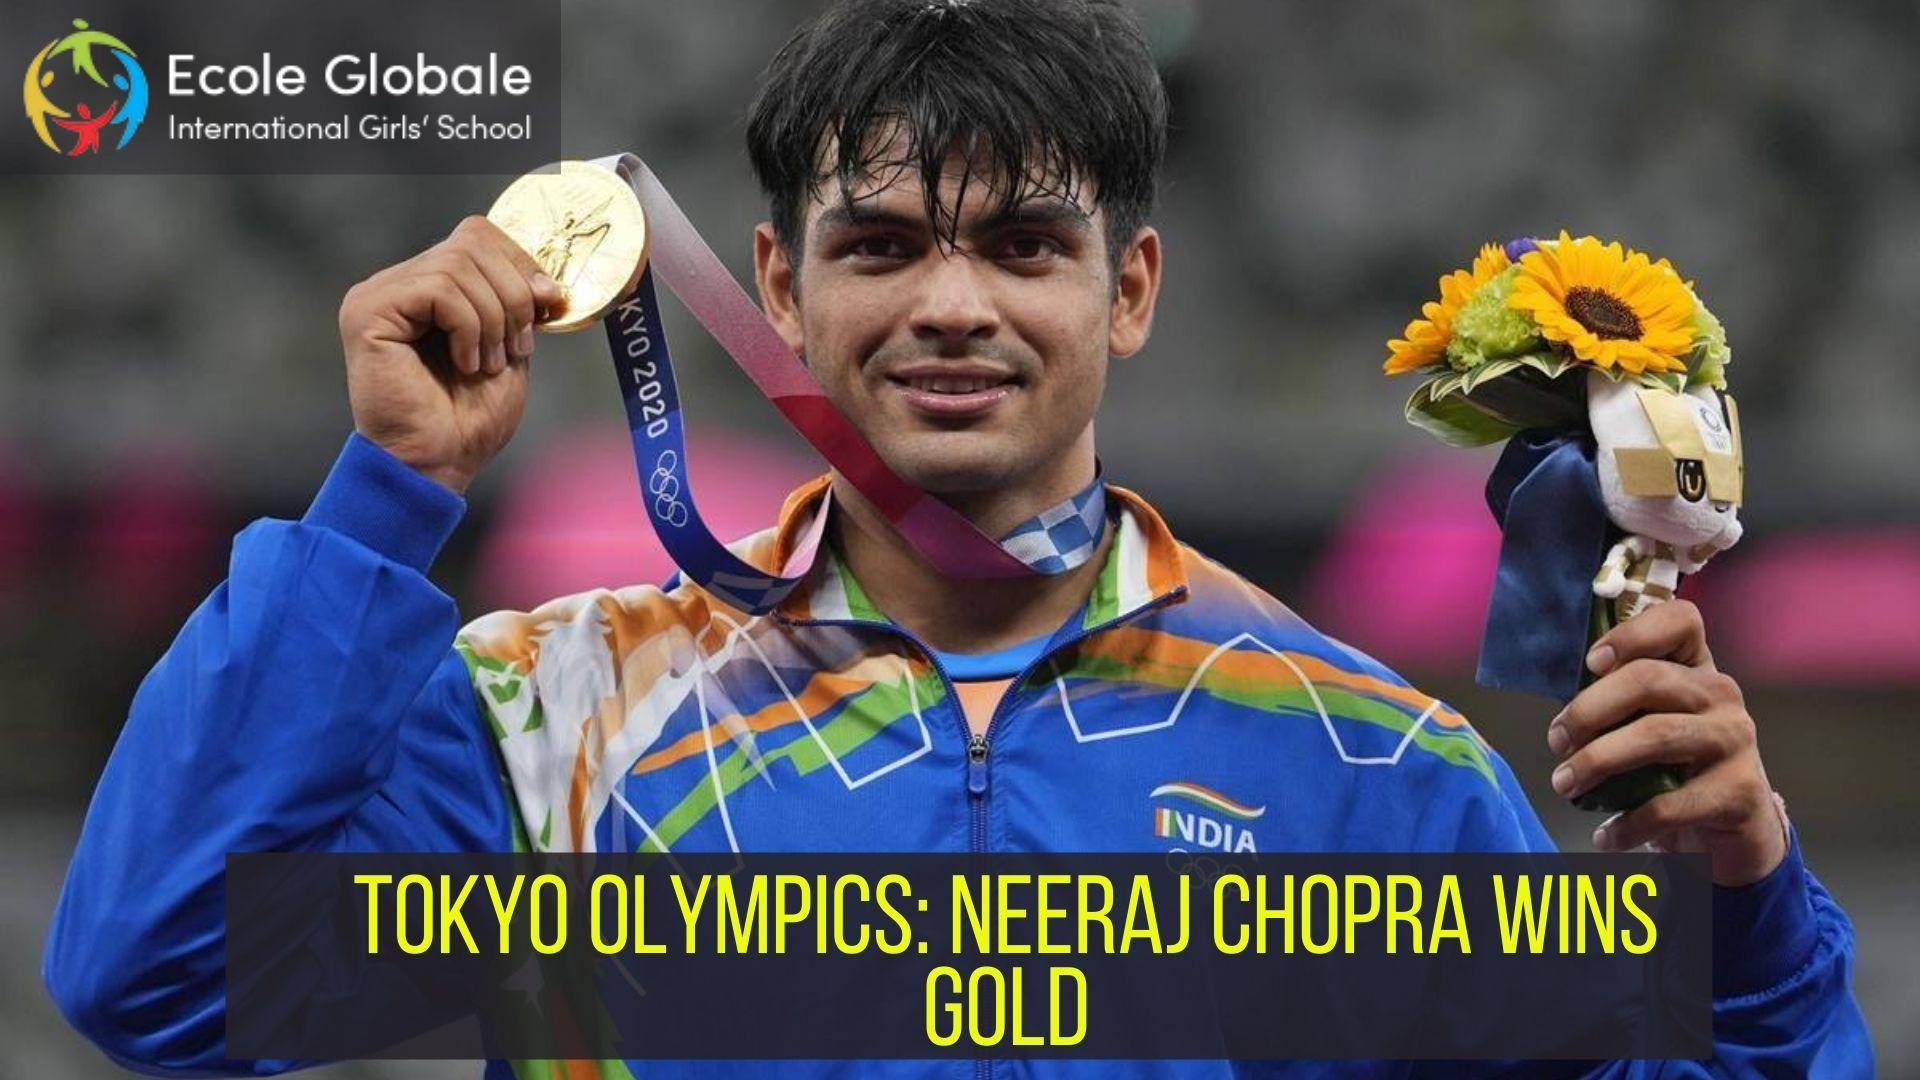 TOKYO OLYMPICS: NEERAJ CHOPRA WINS GOLD